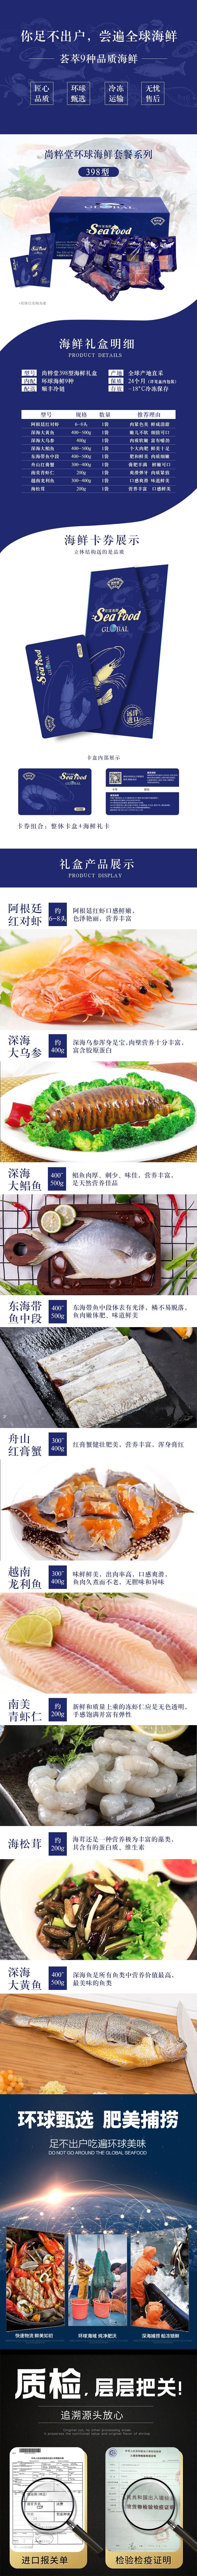 海鲜礼盒398型(790).jpg